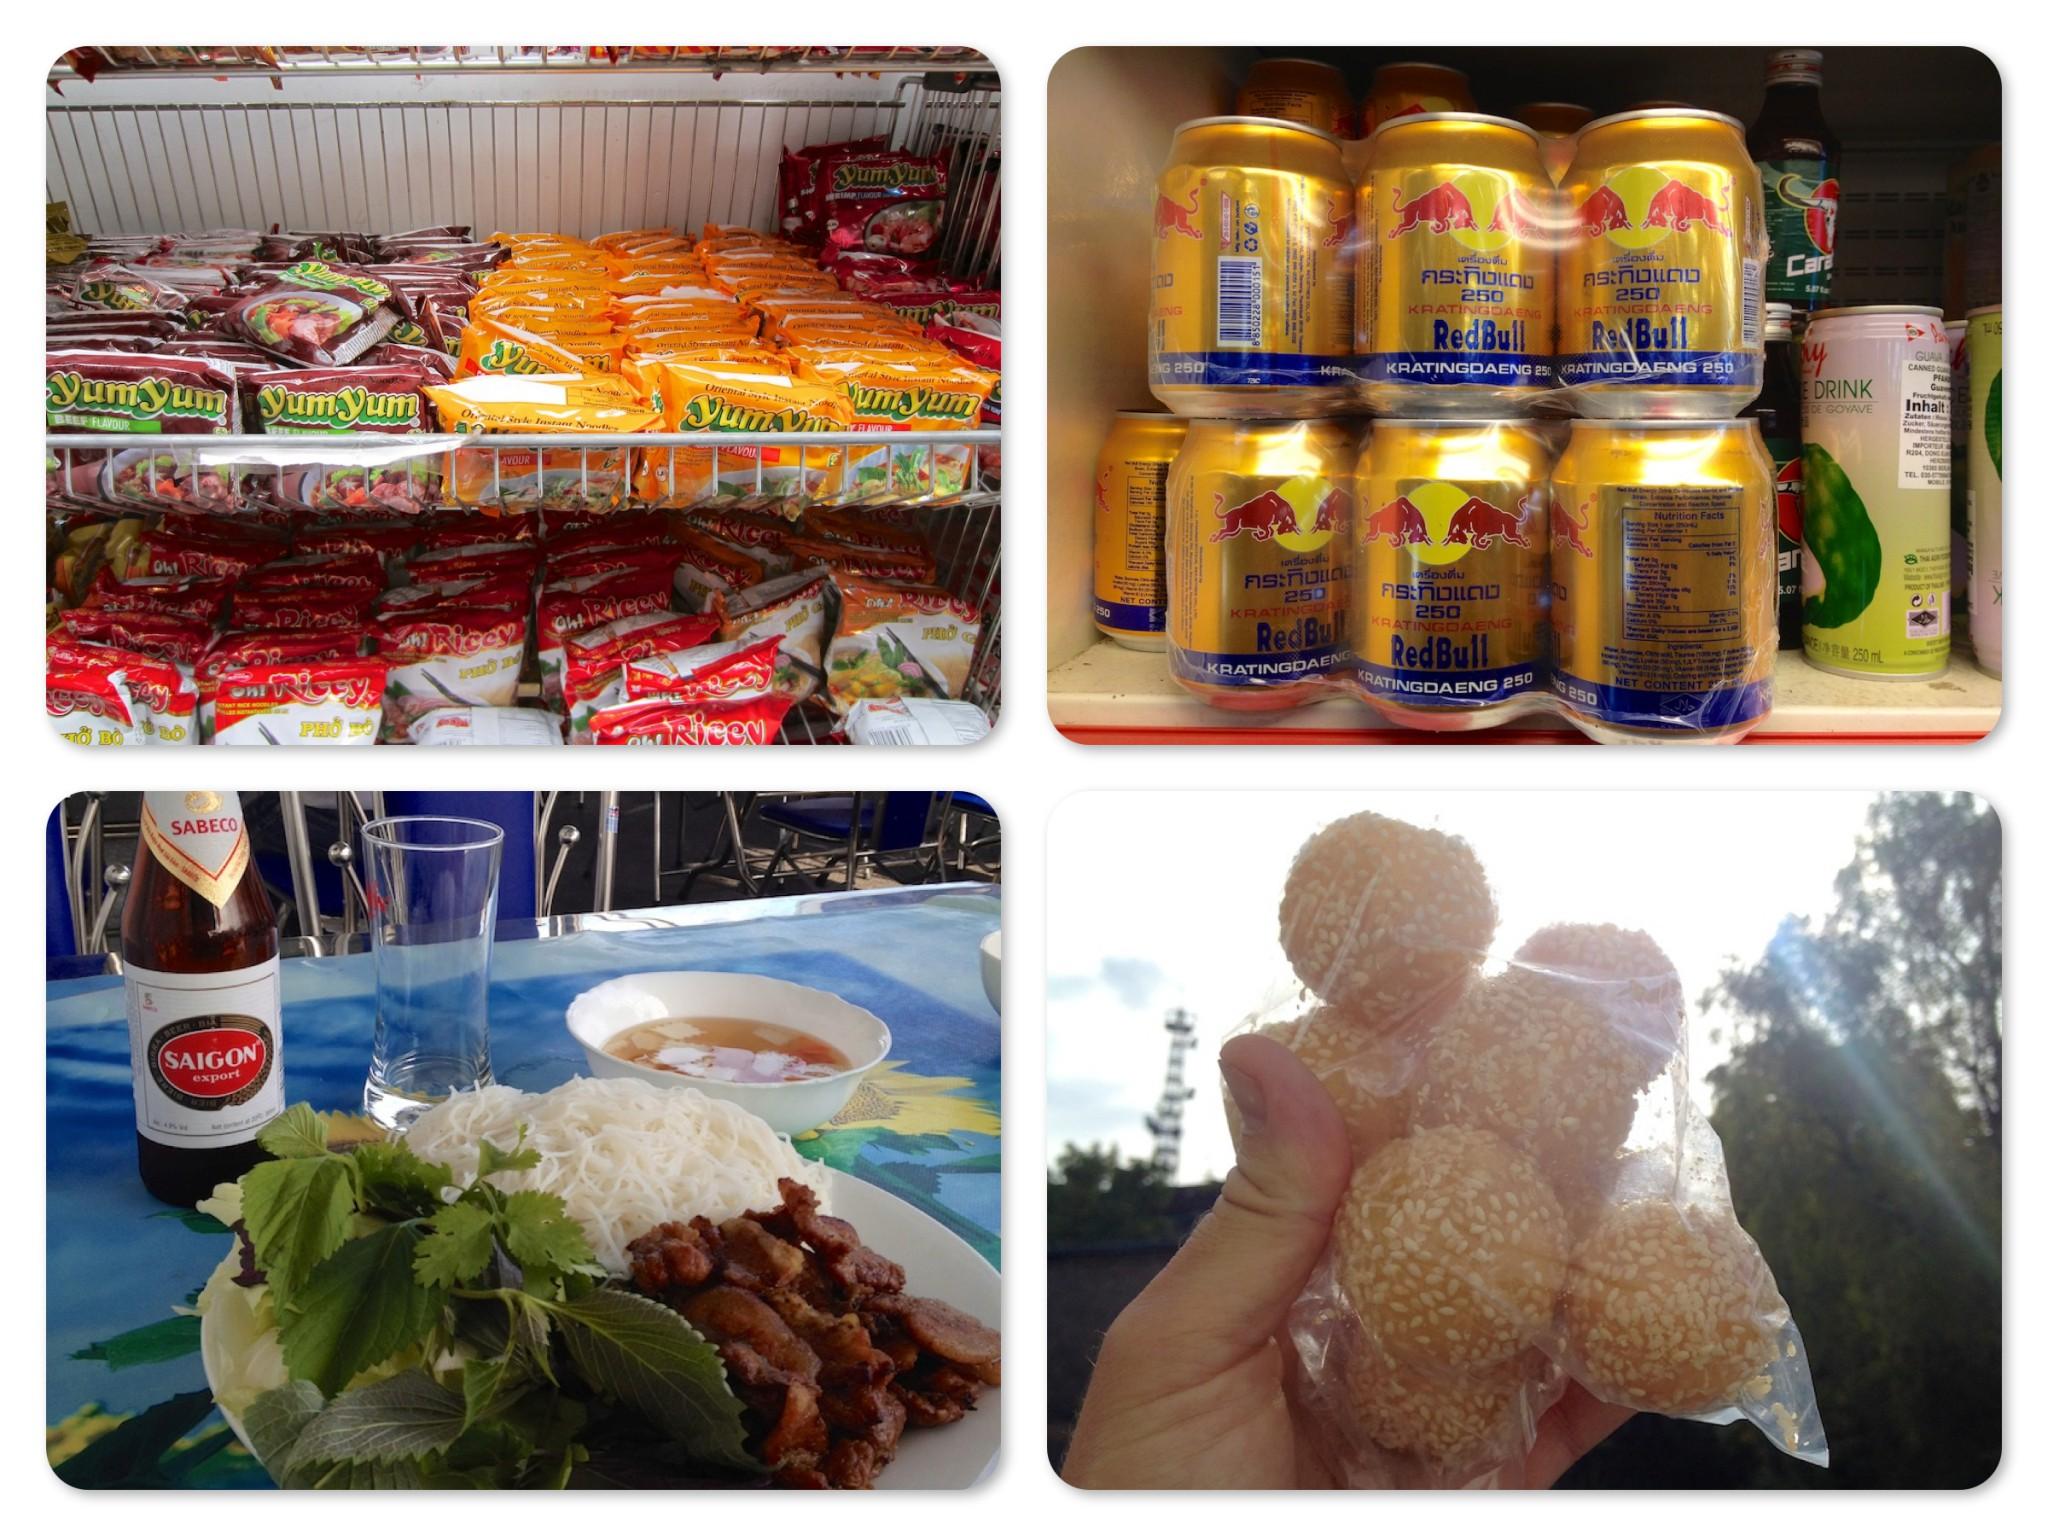 Im Uhrzeigersinn: Ein regal voller Ramen-Suppen; der echte Thai Red Bull; süße Bällchen; Bun Cha mit Saigon